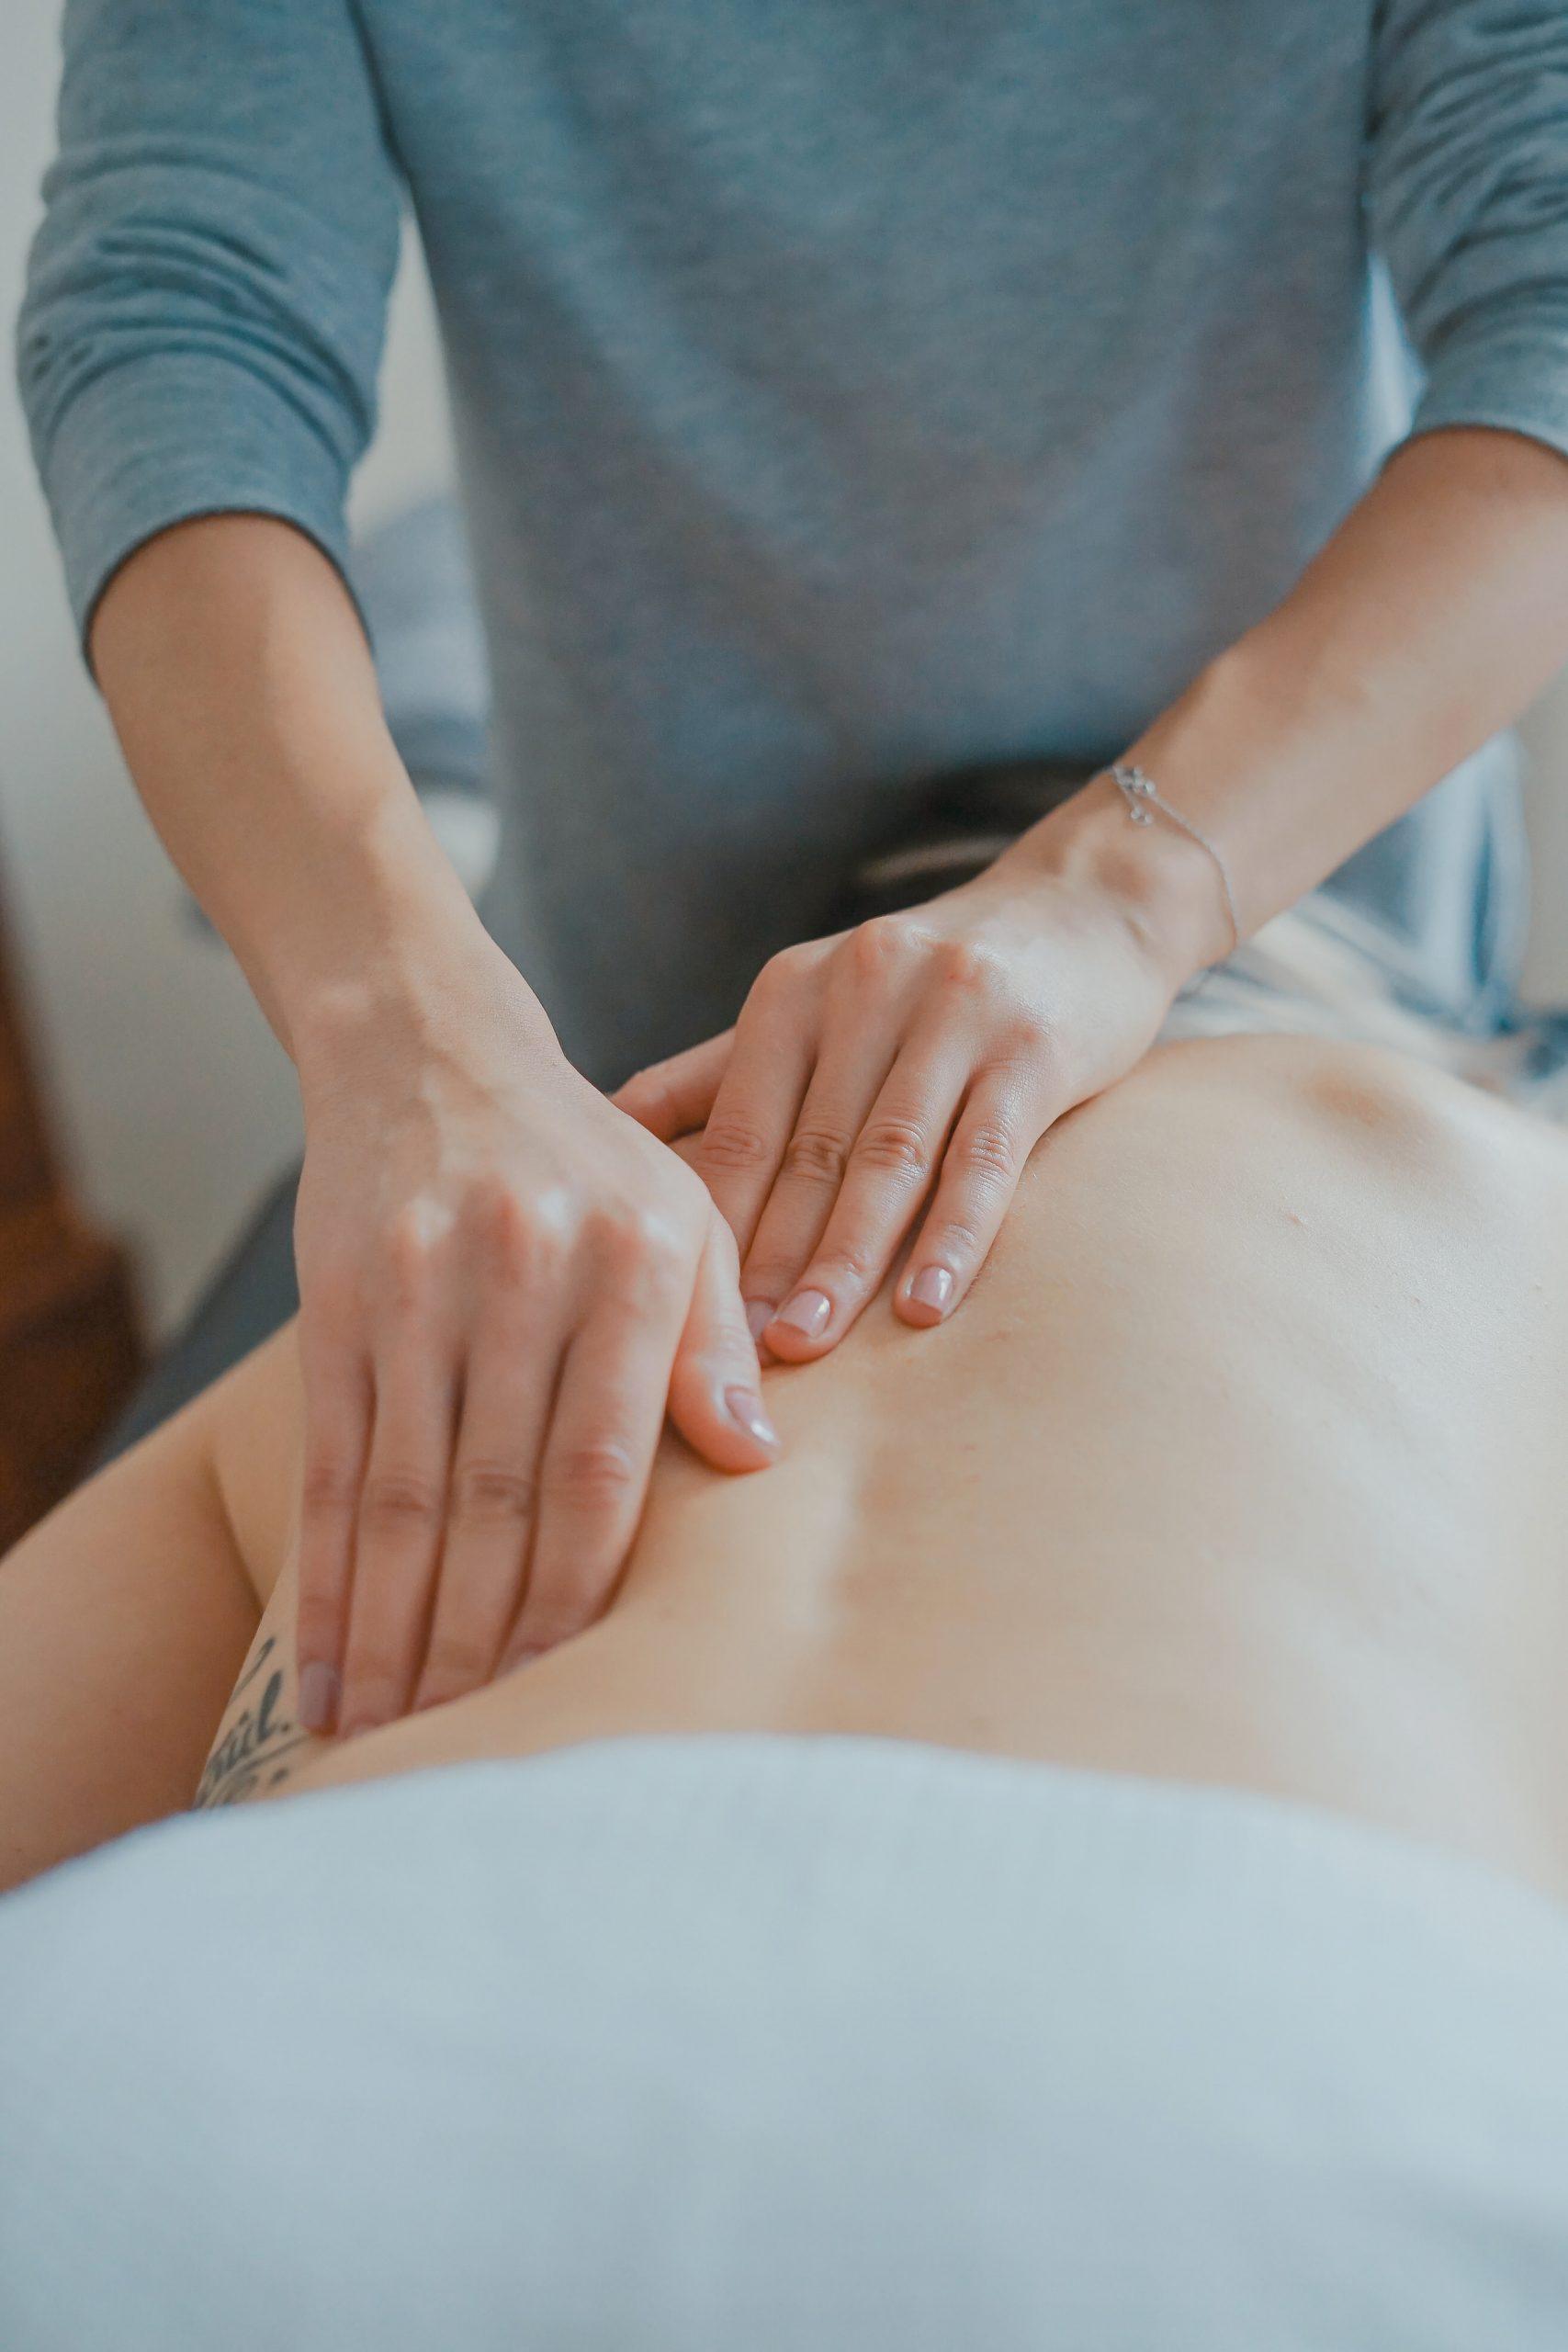 ¿Qué trata la fisioterapia?